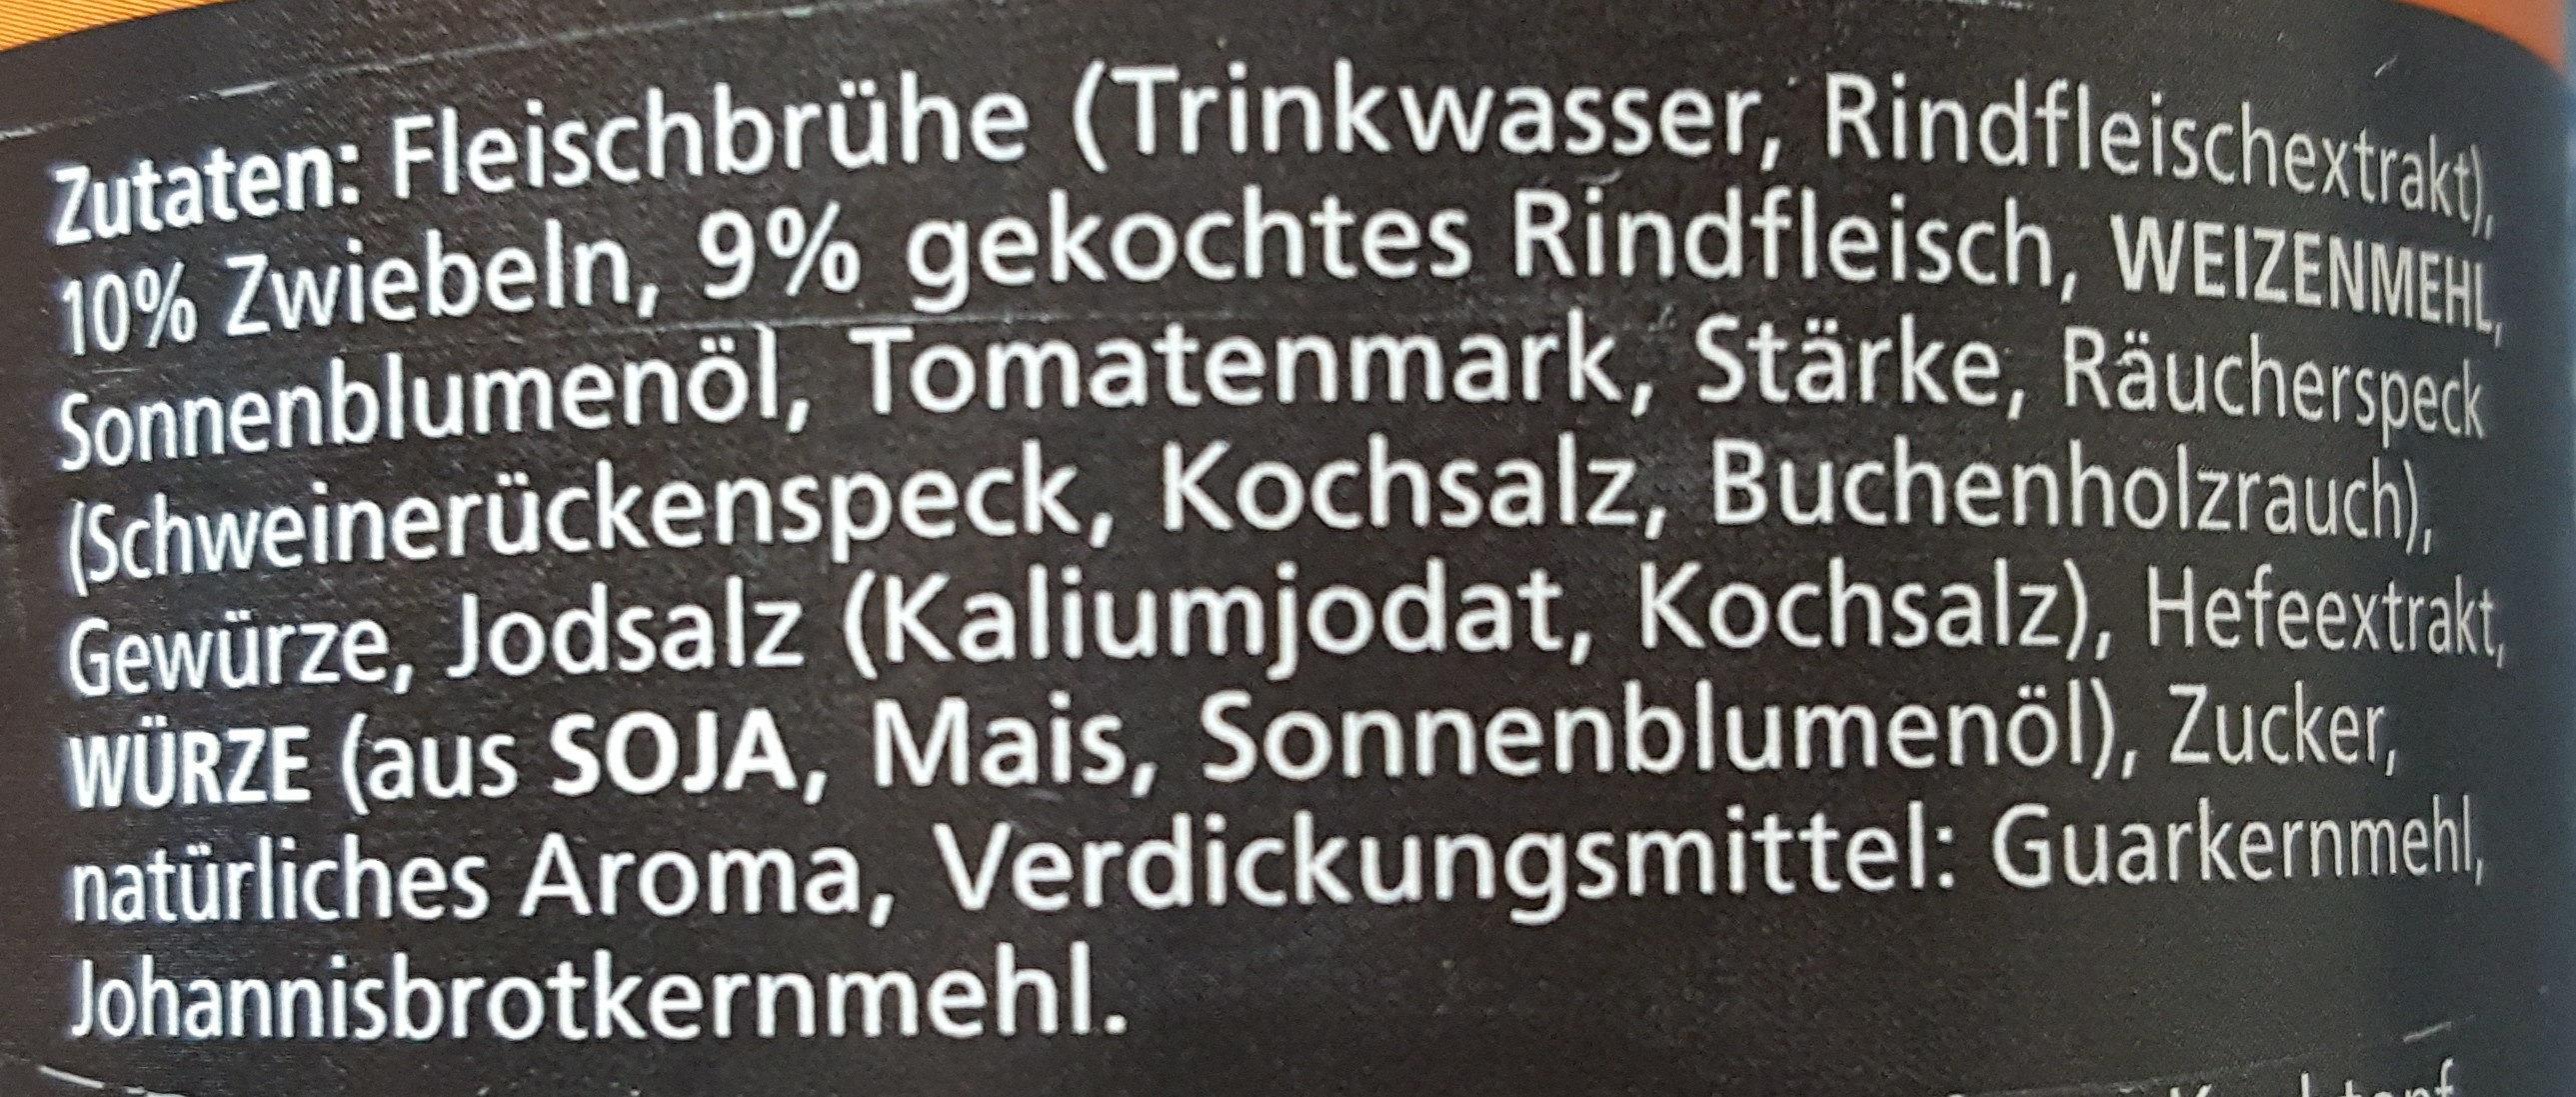 Gulaschsuppe ungarisch - Ingredients